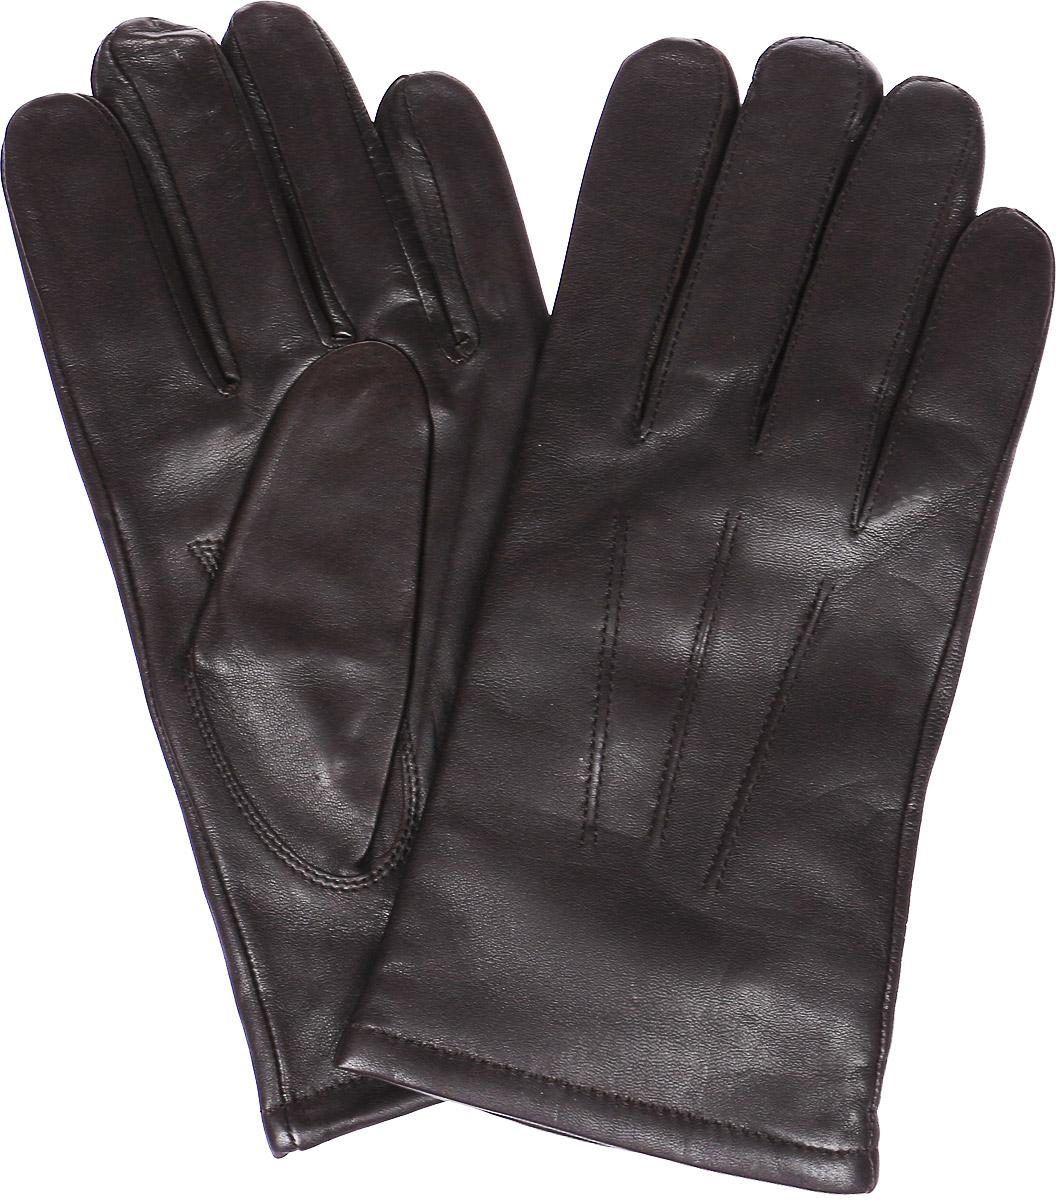 LB-6008Стильные мужские перчатки Labbra выполнены из натуральной кожи. Внутренняя поверхность модели изготовлена из шерсти и акрила, которые обеспечат тепло и комфорт. Оформлены перчатки на лицевой стороне декоративными швами три луча. На ладонной стороне дополнены резинкой.